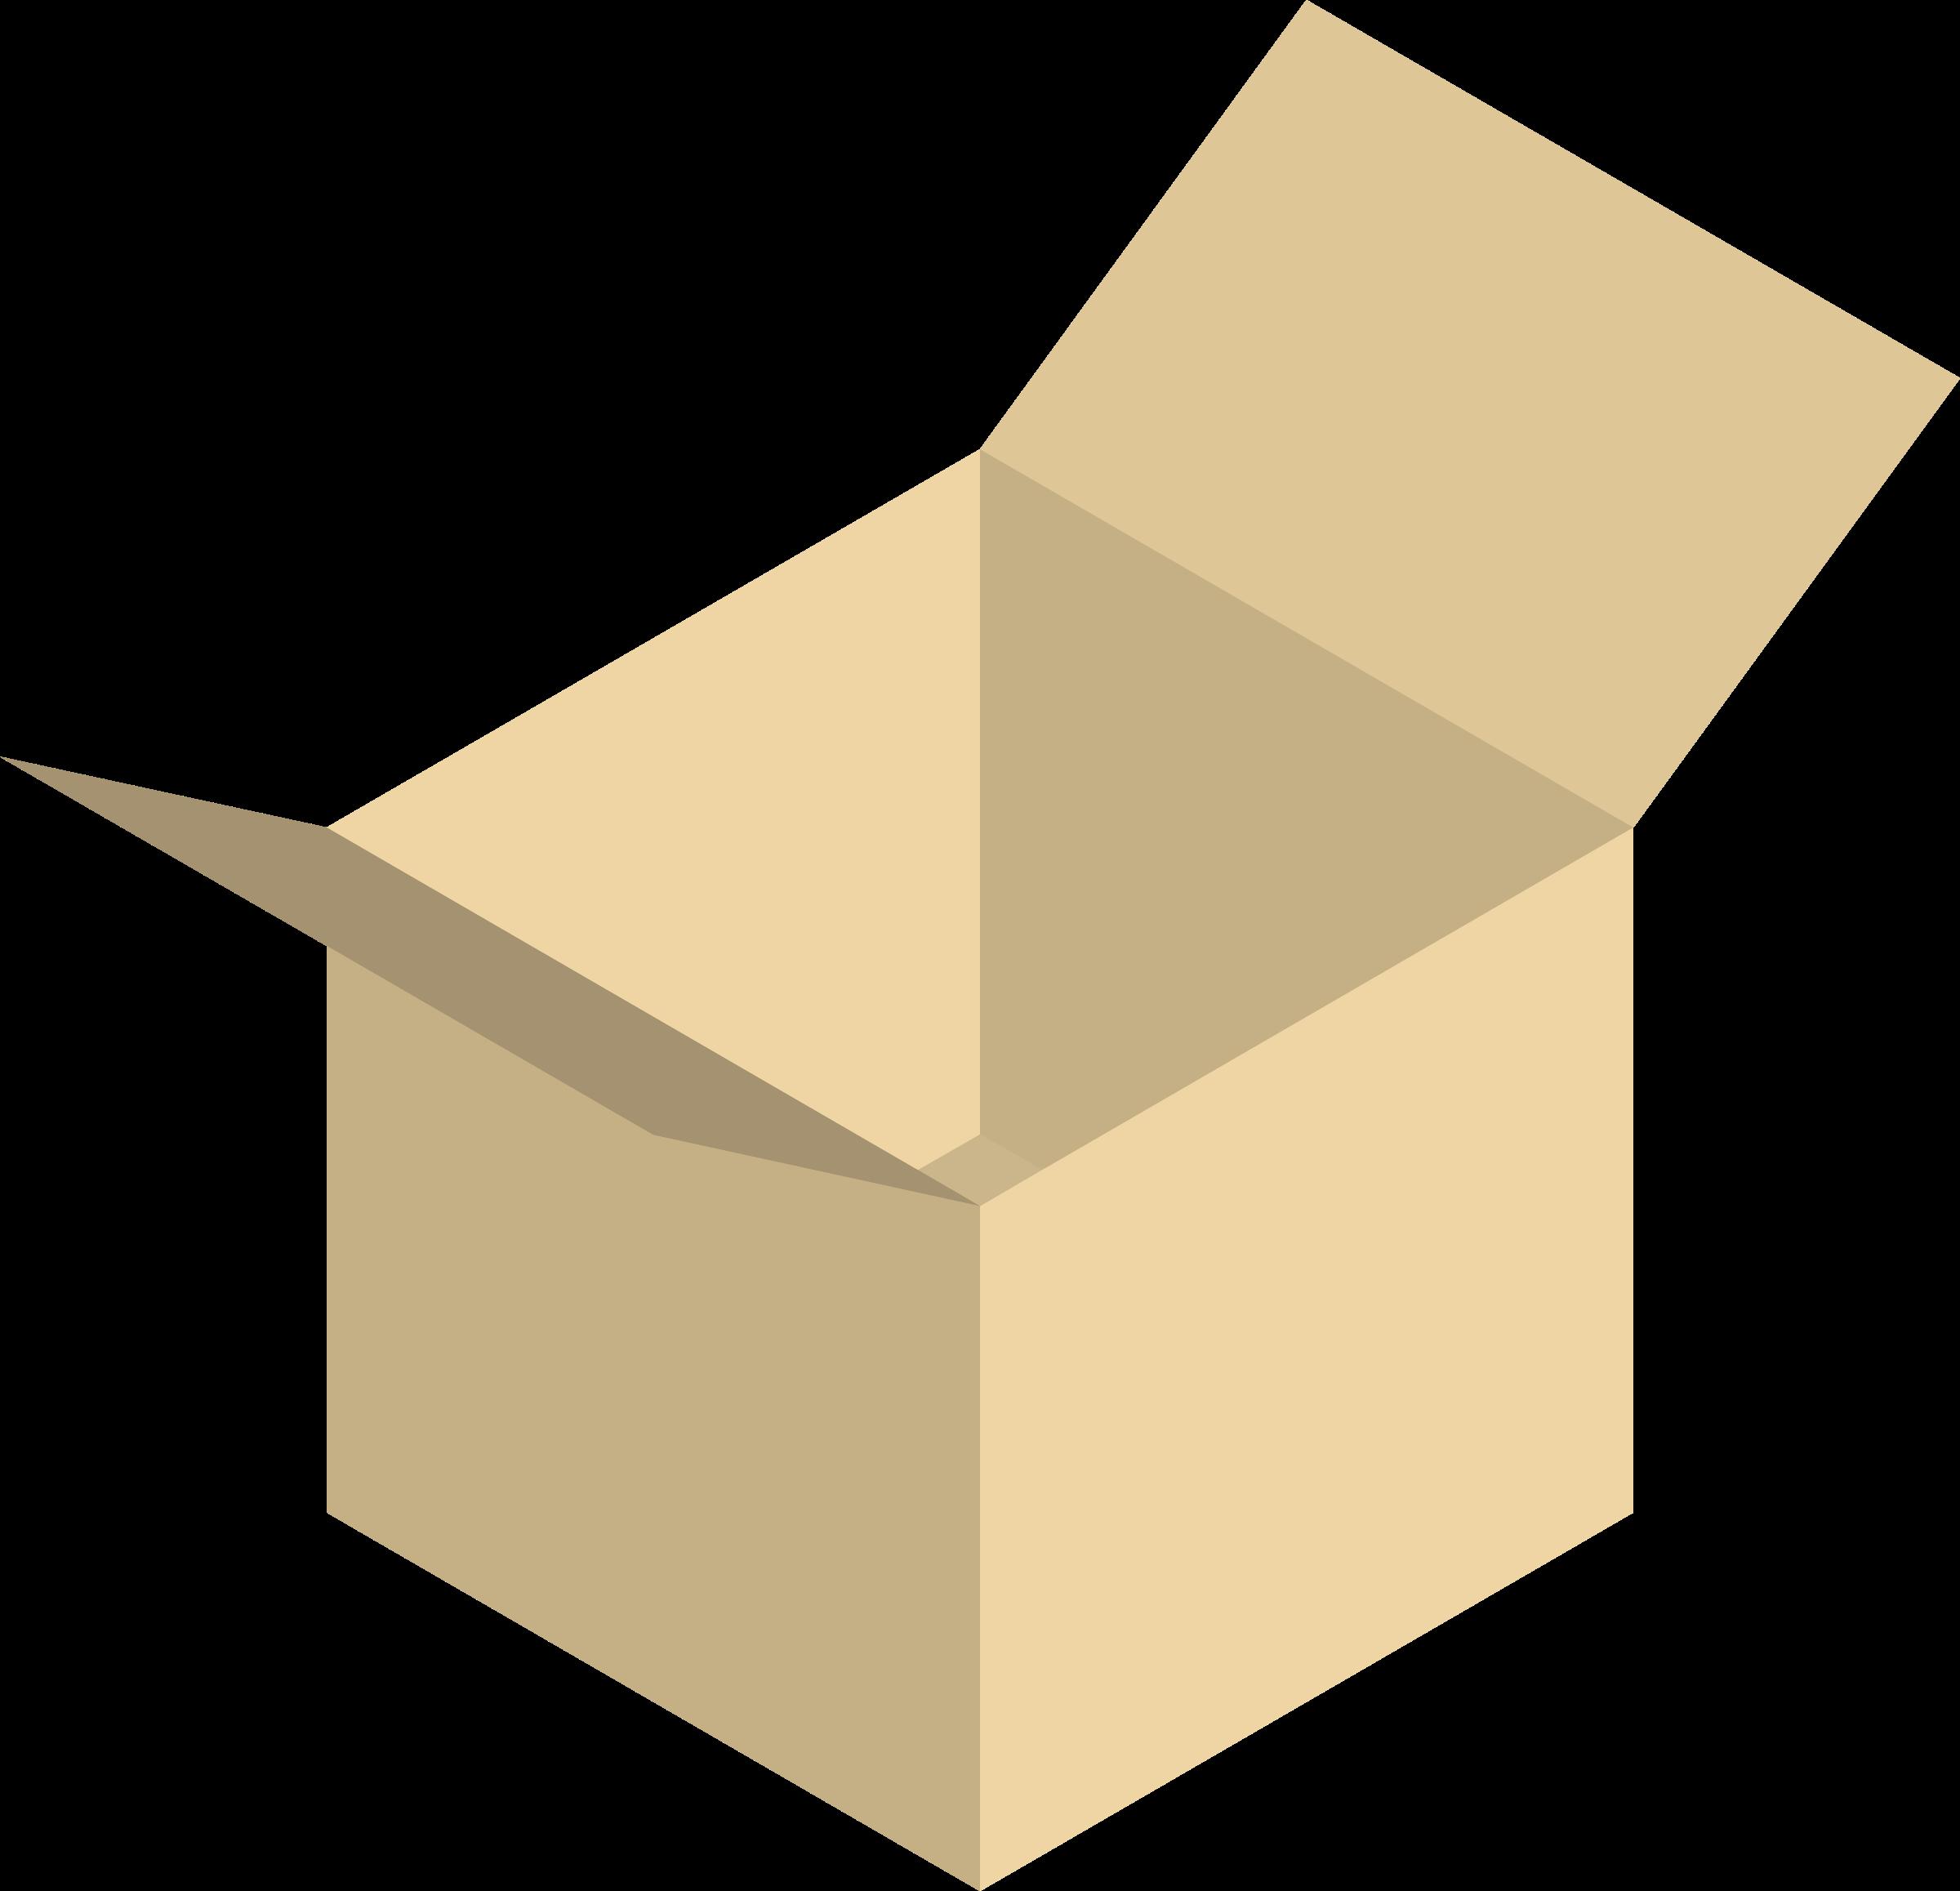 Box open box